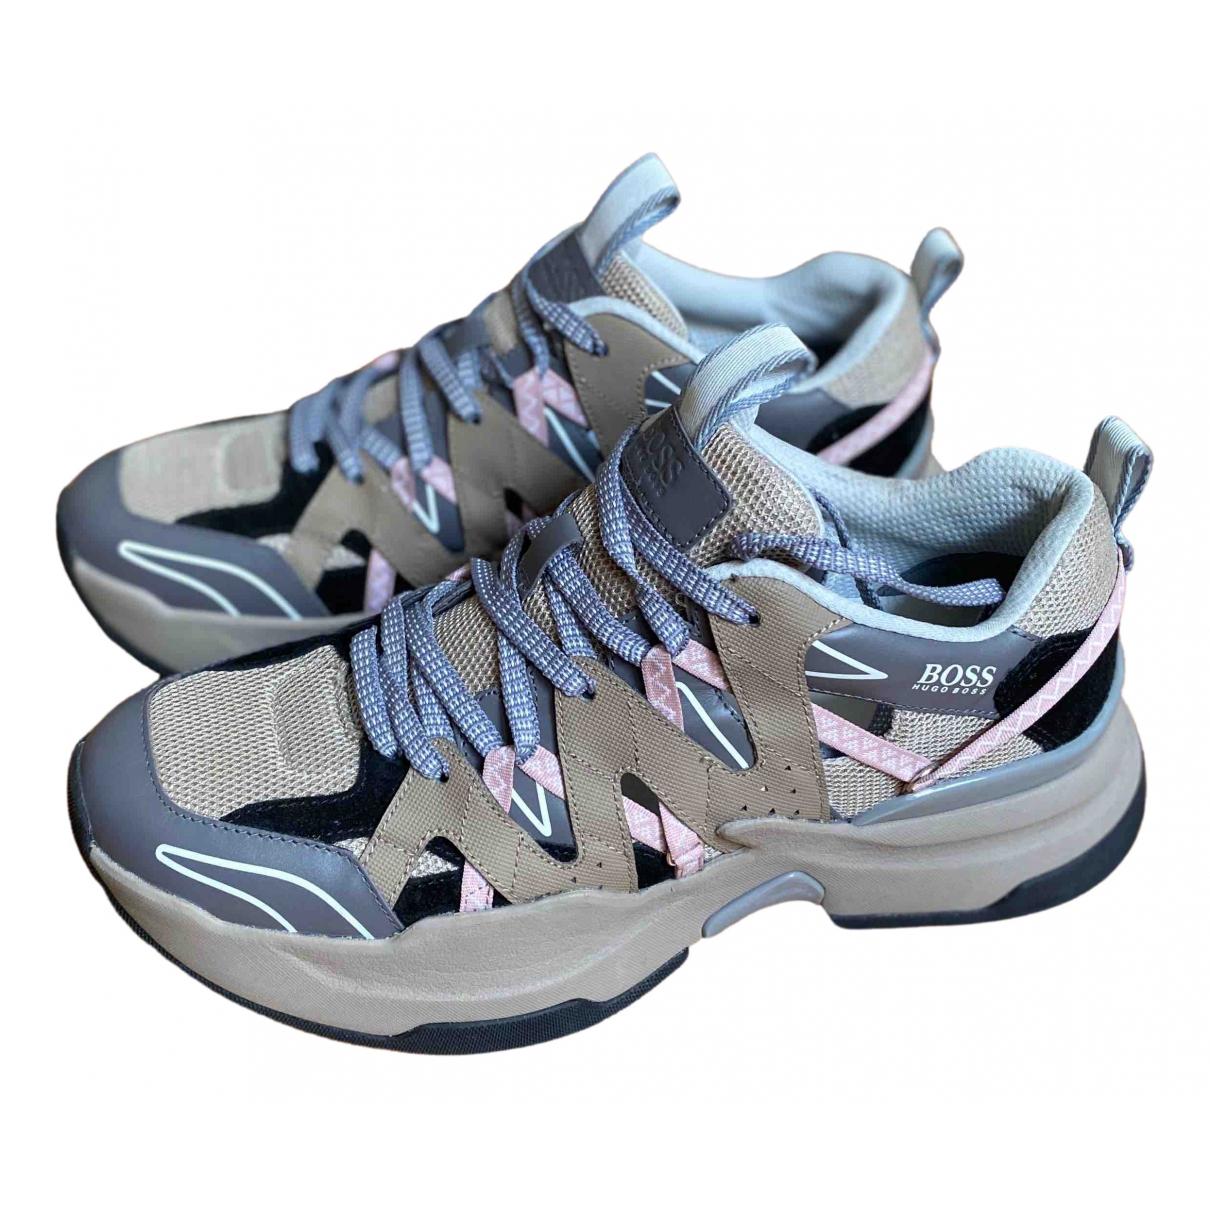 Boss - Baskets   pour homme en cuir - gris